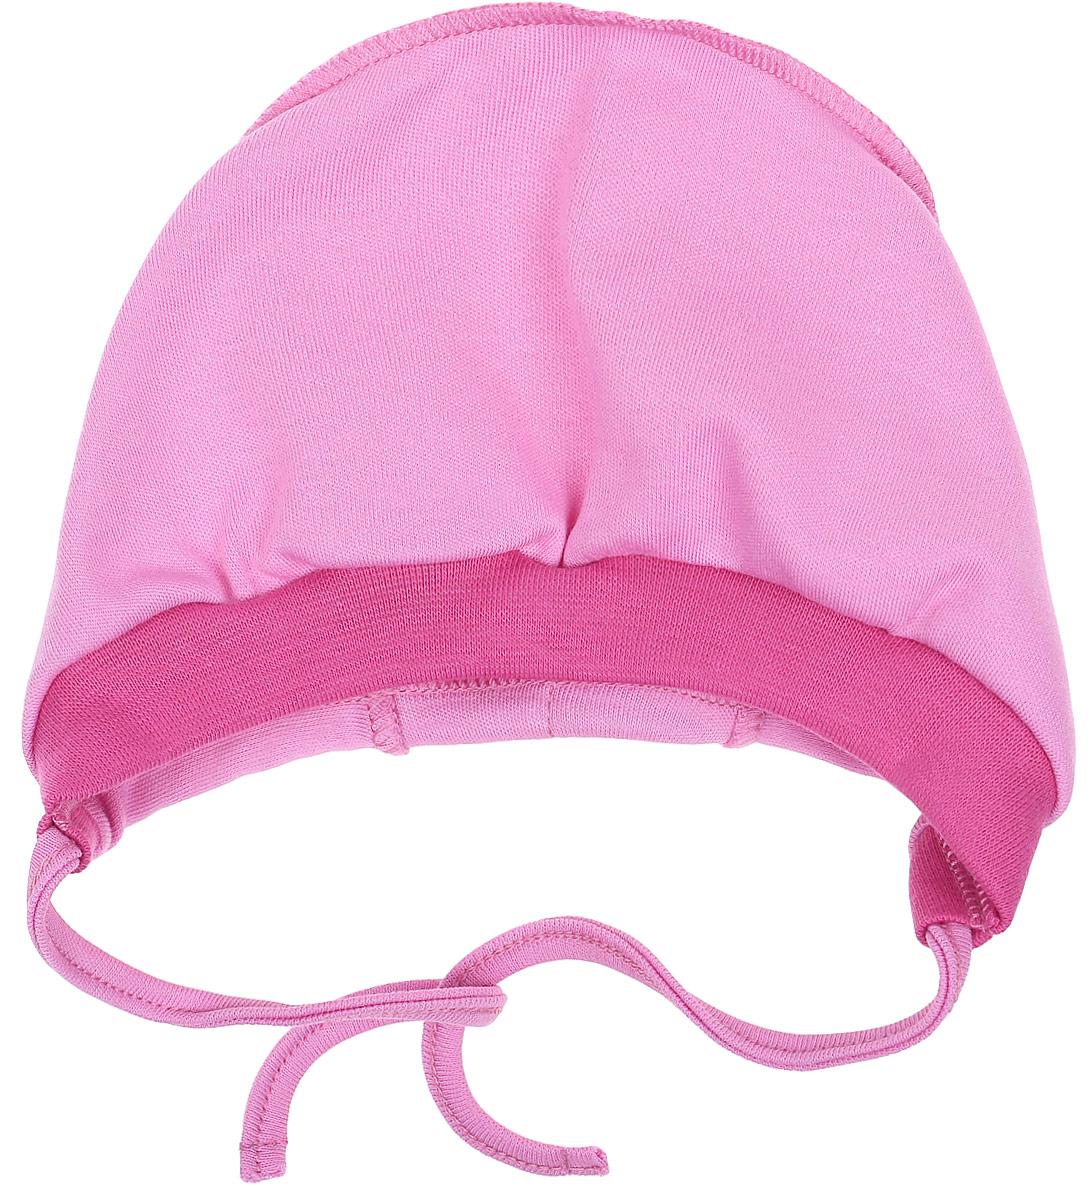 Чепчик детский Luky Child, цвет: розовый. А6-110/розовый. Размер 86/92 12w 6500k 1100lm 150 smd 3528 led white light flexible lamp strip dc 12v 5m